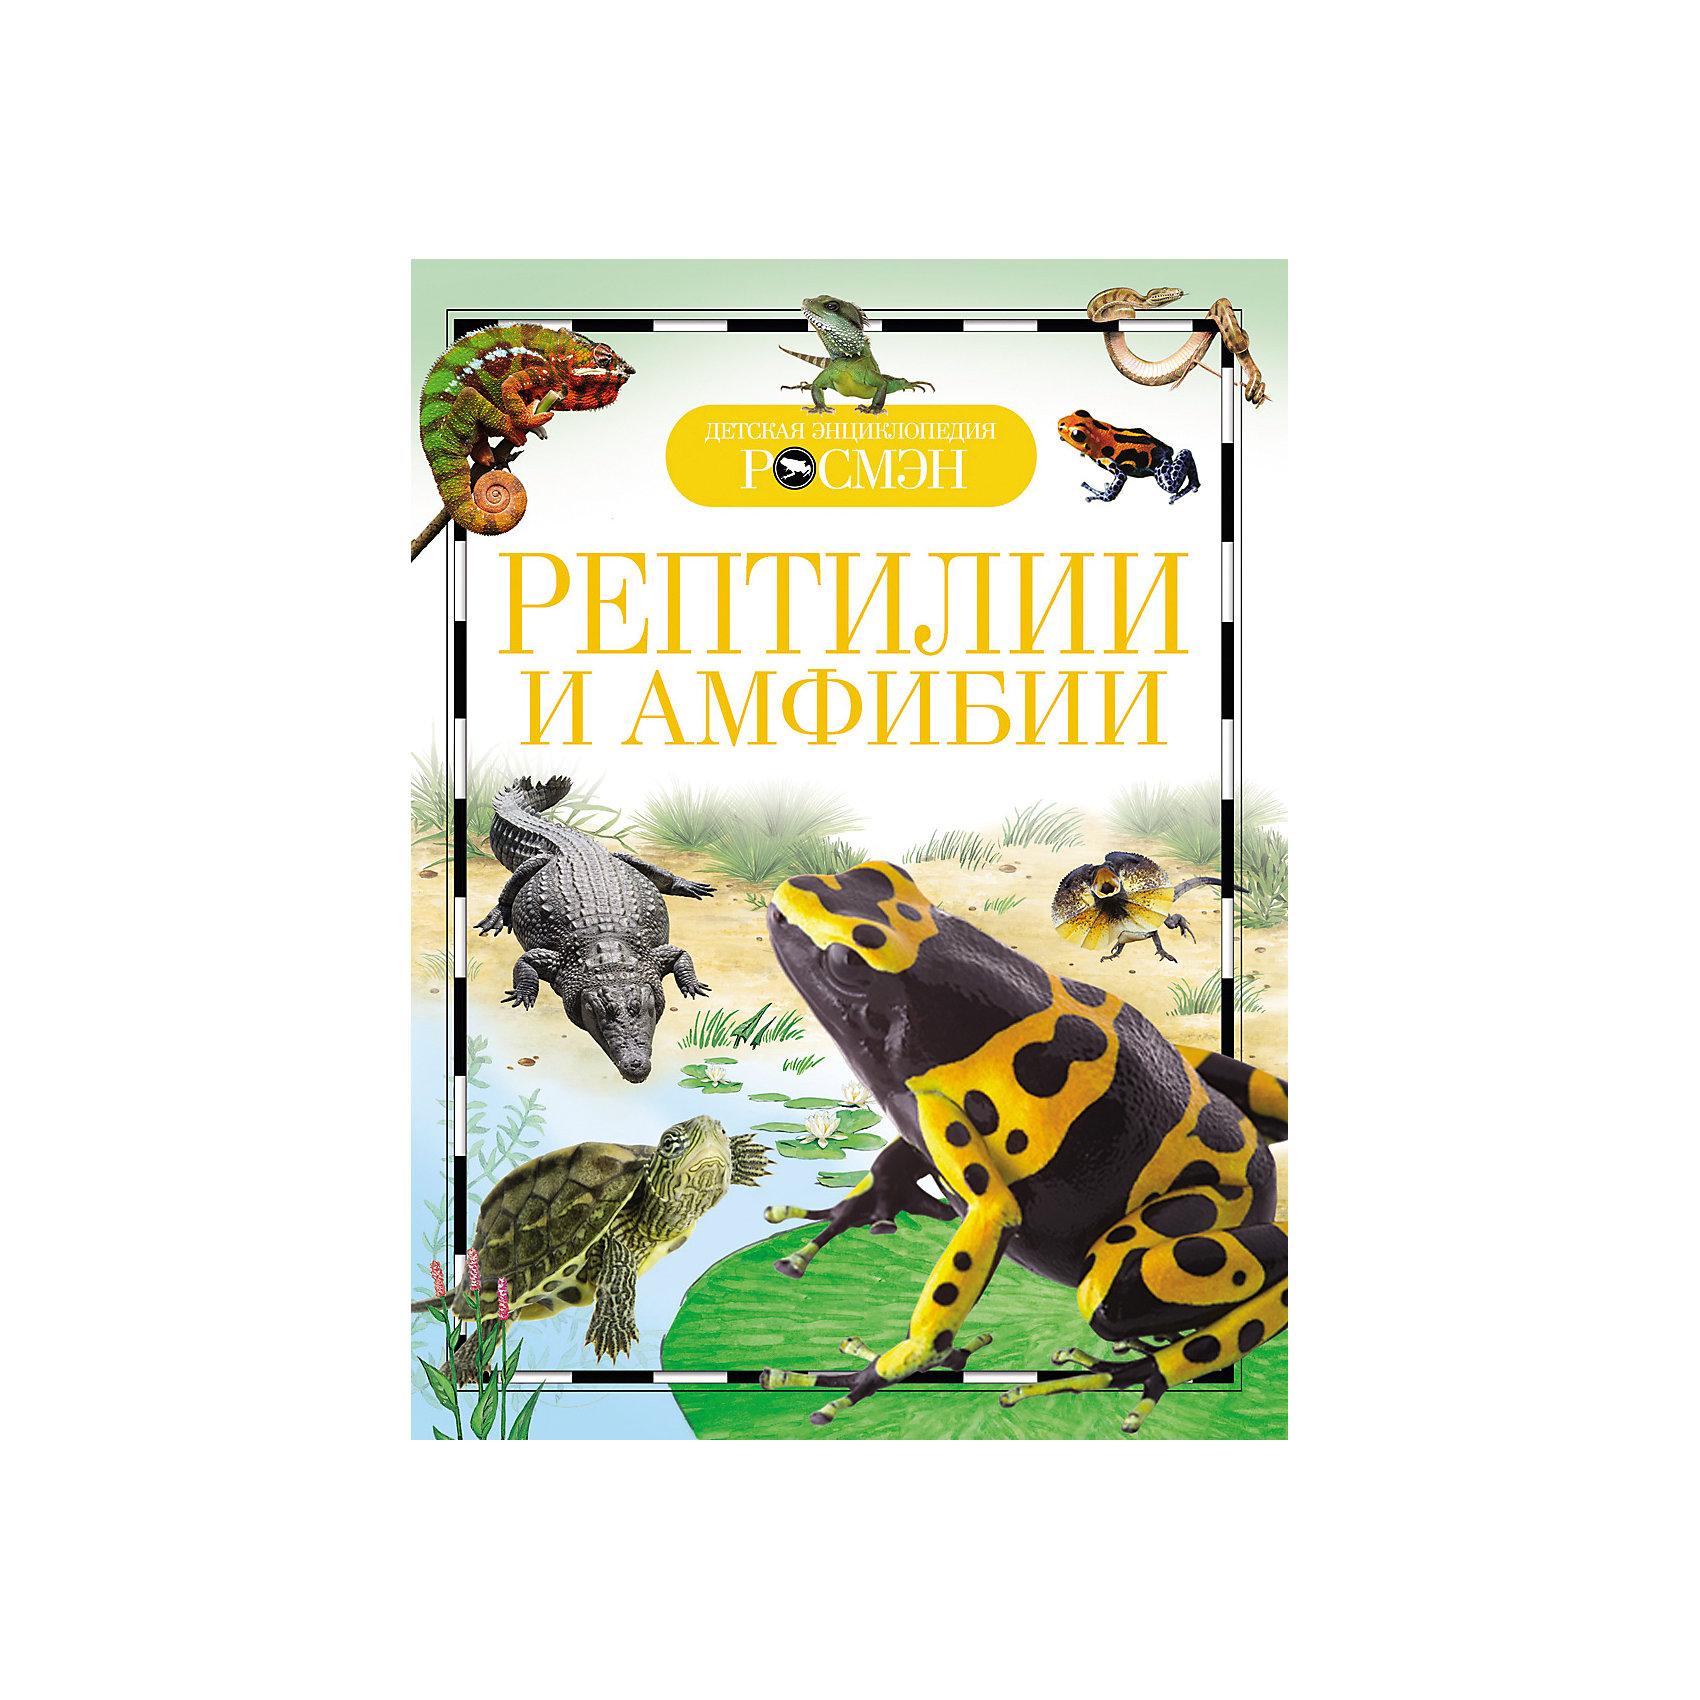 Рептилии и амфибииReptiles and amphibians (Рептилии и амфибии)<br><br>Характеристики:<br><br>• Серия: детская энциклопедия РОСМЭН<br>• Формат: 220х170<br>• Переплет: твердый переплет<br>• Количество страниц: 96<br>• Бумага: целлофанированная или лакированная<br>• Цветные иллюстрации: да<br>• Вес в упаковке: 234 г<br><br>Знаете ли вы, кто такие амфибии? Конечно знаете и непременно их встречали. Квакающие весной в пруду лягушки, временами выпрыгивающие на дорожку. Или медленно передвигающиеся по земле жабы. А рептилии? Кому не доводилось обнаруживать юрких ящериц на солнцепеке? А кто-то наталкивался и на безобидного ужа или, наоборот, на опасную гадюку. Но амфибий и рептилий на свете очень много, среди них есть удивительные существа, которые можно увидеть, только отправившись в далекое путешествие. Эта книга, снабженная иллюстрациями, позволит вам совершить такое путешествие, не выходя из дома.<br><br>Книгу «Рептилии и амфибии» можно купить в нашем интернет-магазине.<br><br>Ширина мм: 220<br>Глубина мм: 170<br>Высота мм: 10<br>Вес г: 234<br>Возраст от месяцев: 84<br>Возраст до месяцев: 108<br>Пол: Унисекс<br>Возраст: Детский<br>SKU: 5109734